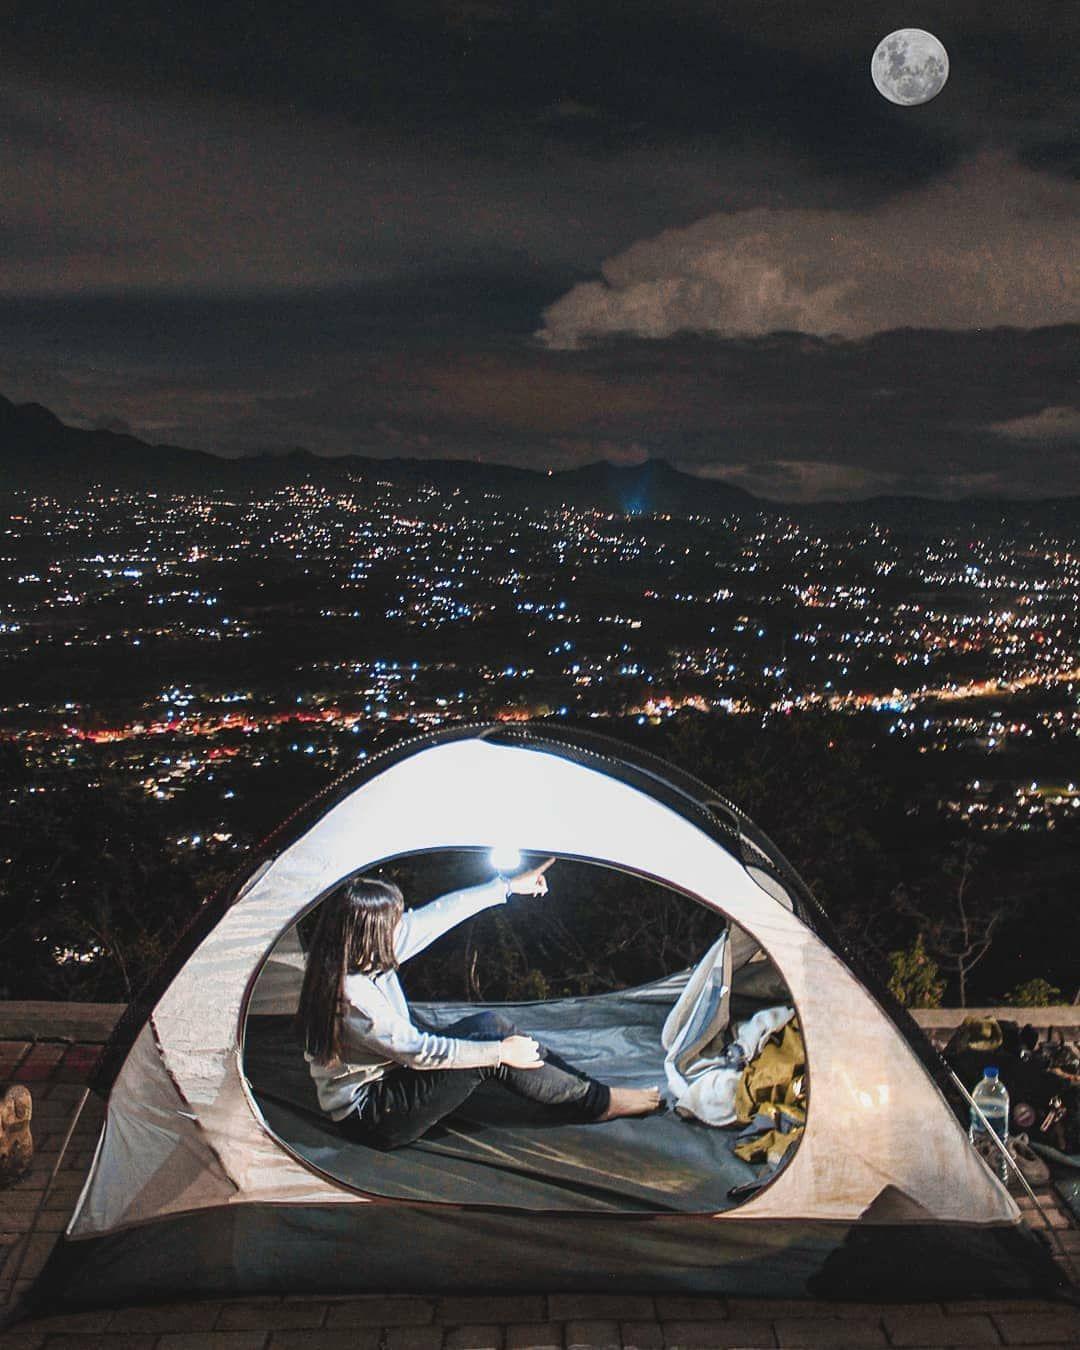 Dari Indoflashlightjabar Namanya Puncak Galau Puncak Yang Memiliki Panorama Alam Yang Sangat Indah Sobat Dapat Camping Di 2020 Pemandangan Kota Bogor Penerbangan